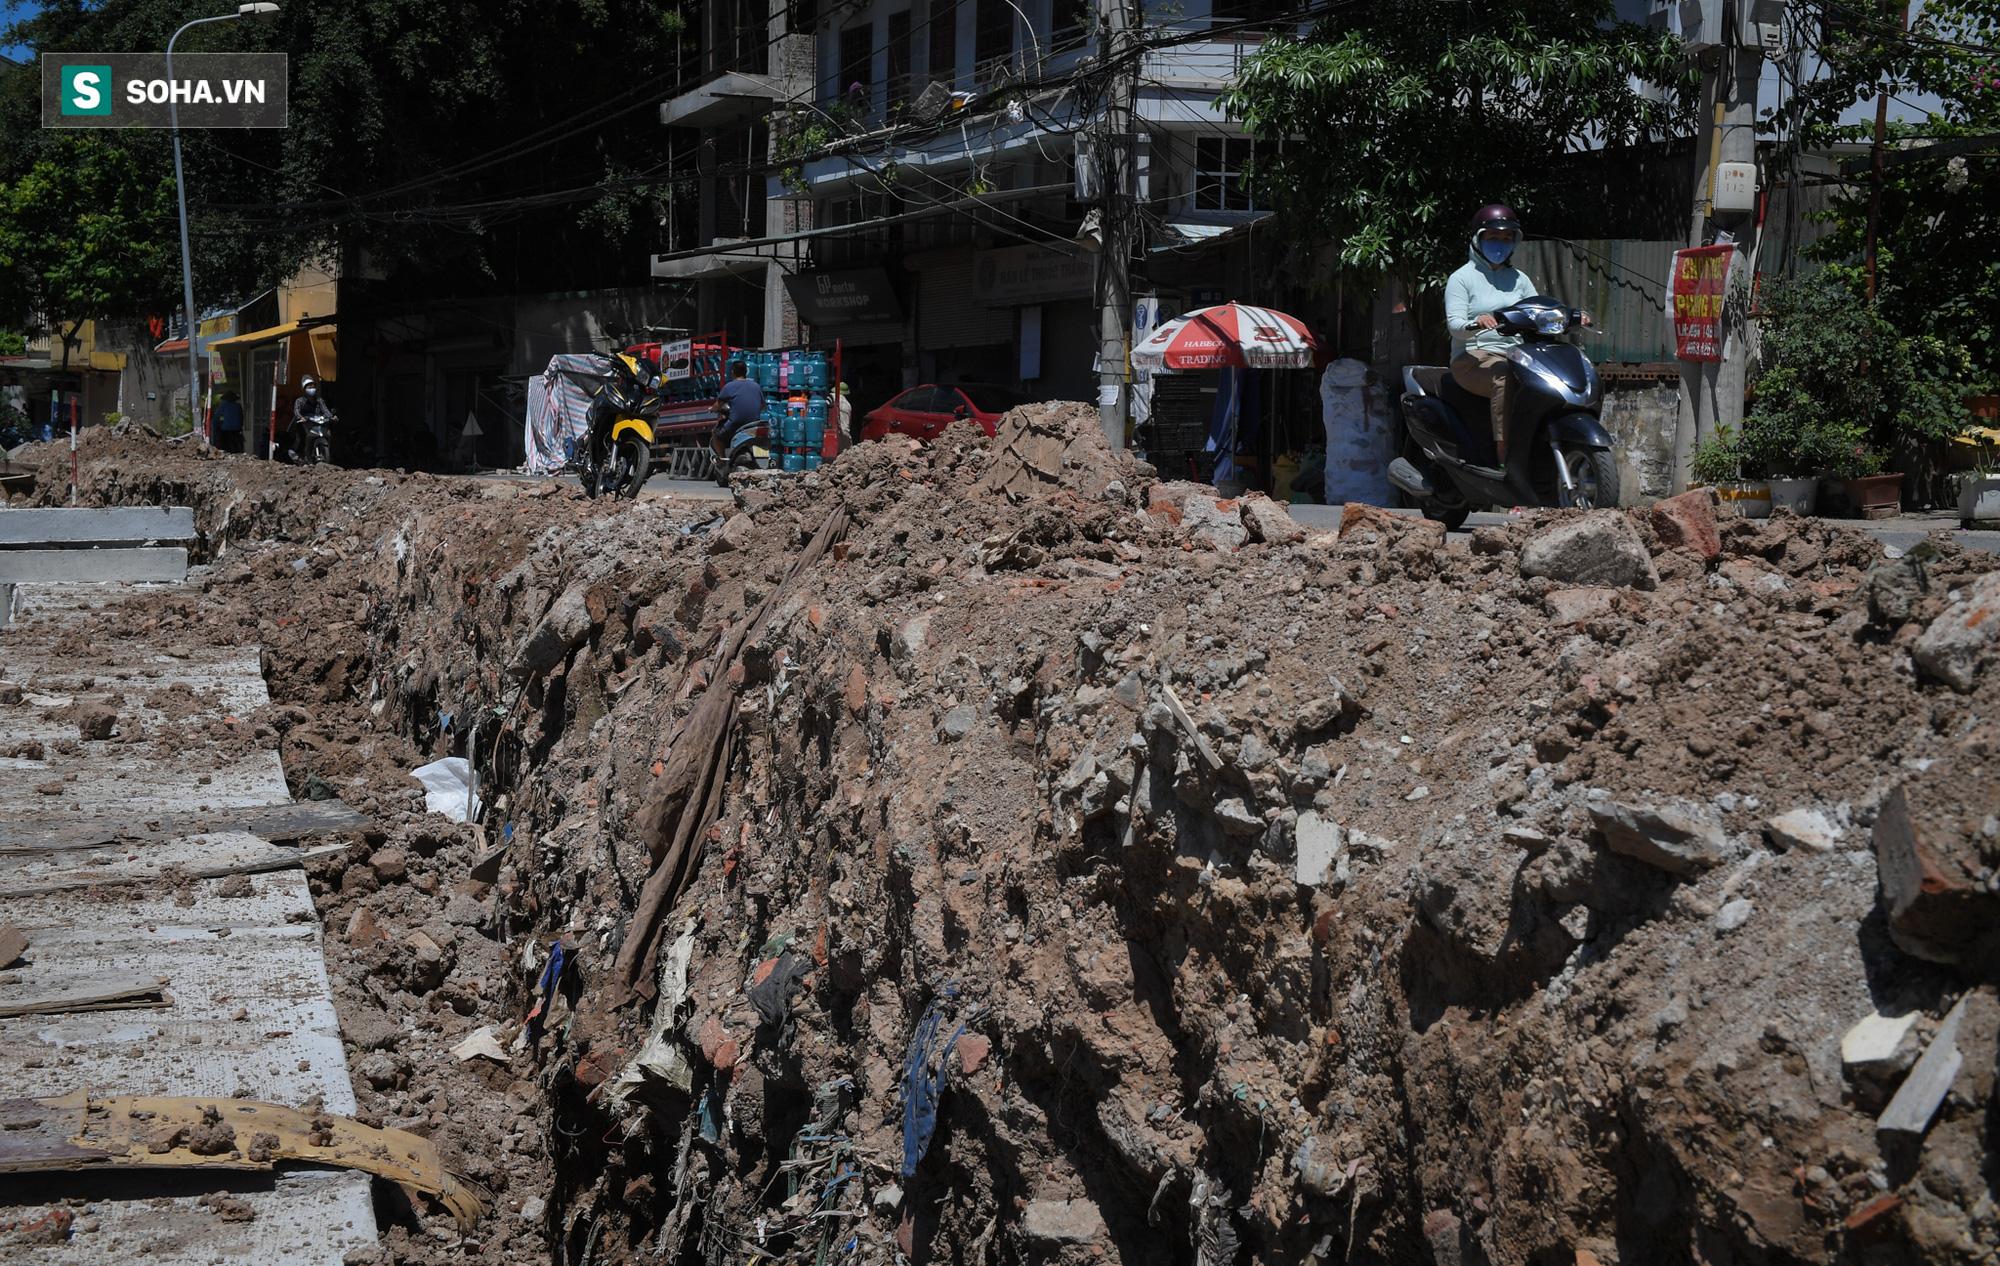 Đại dự án 7.000 tỷ đồng chống ngập cho 6 quận huyện phía Tây TP Hà Nội chậm tiến độ, ngập ngụa trong rác - Ảnh 8.